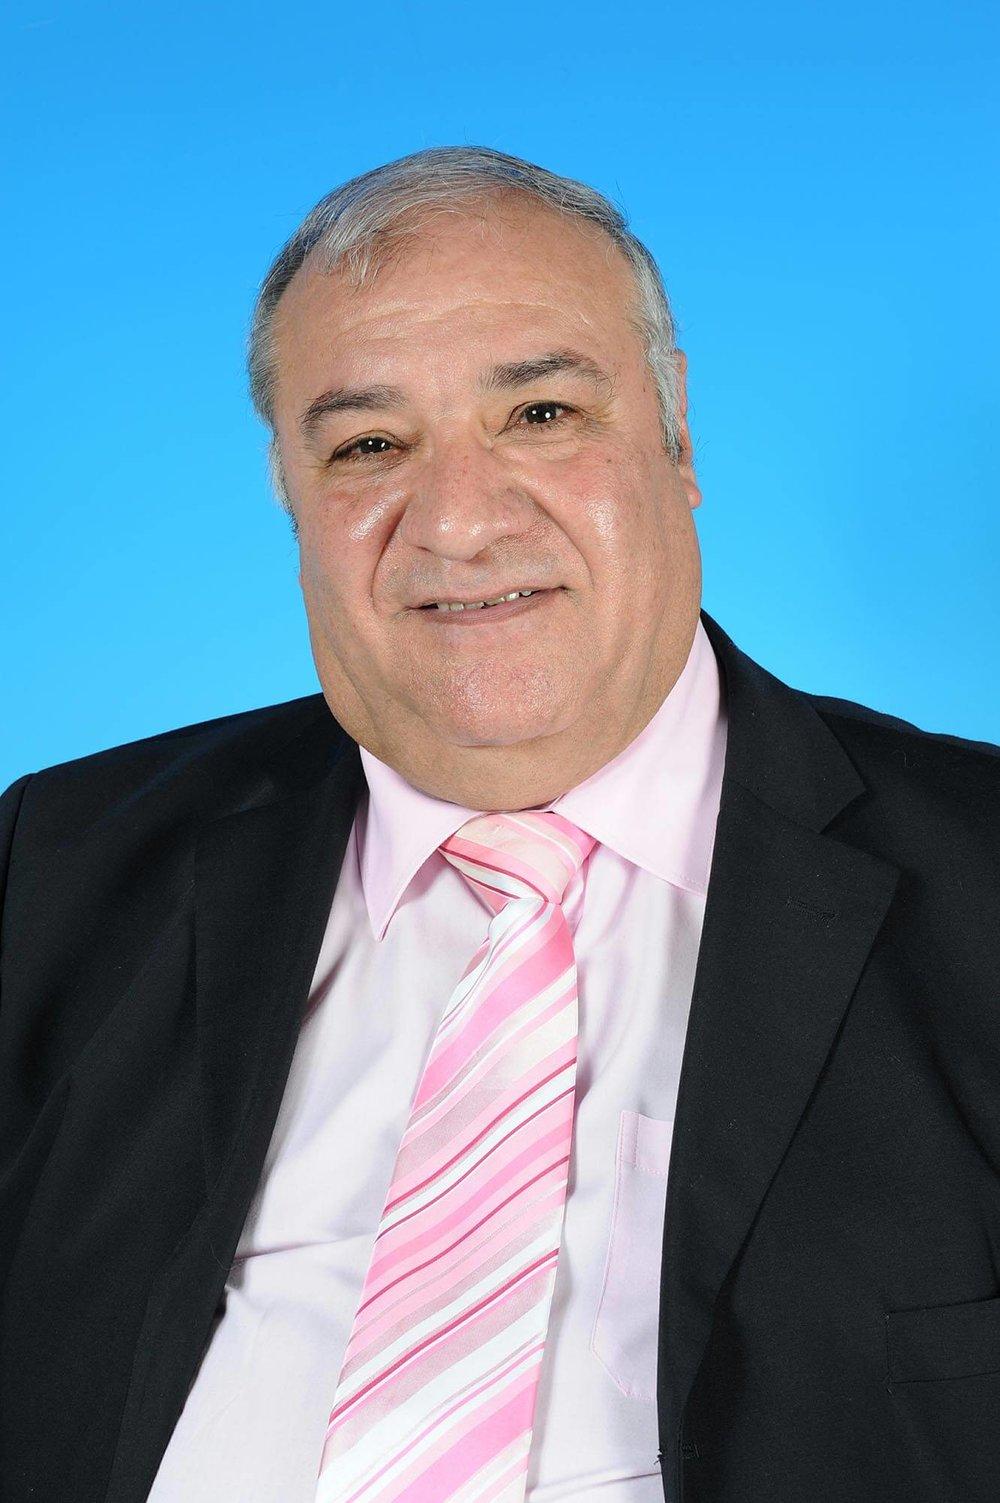 Councillor Ron Furolo - photo courtesy of Posers Photographic